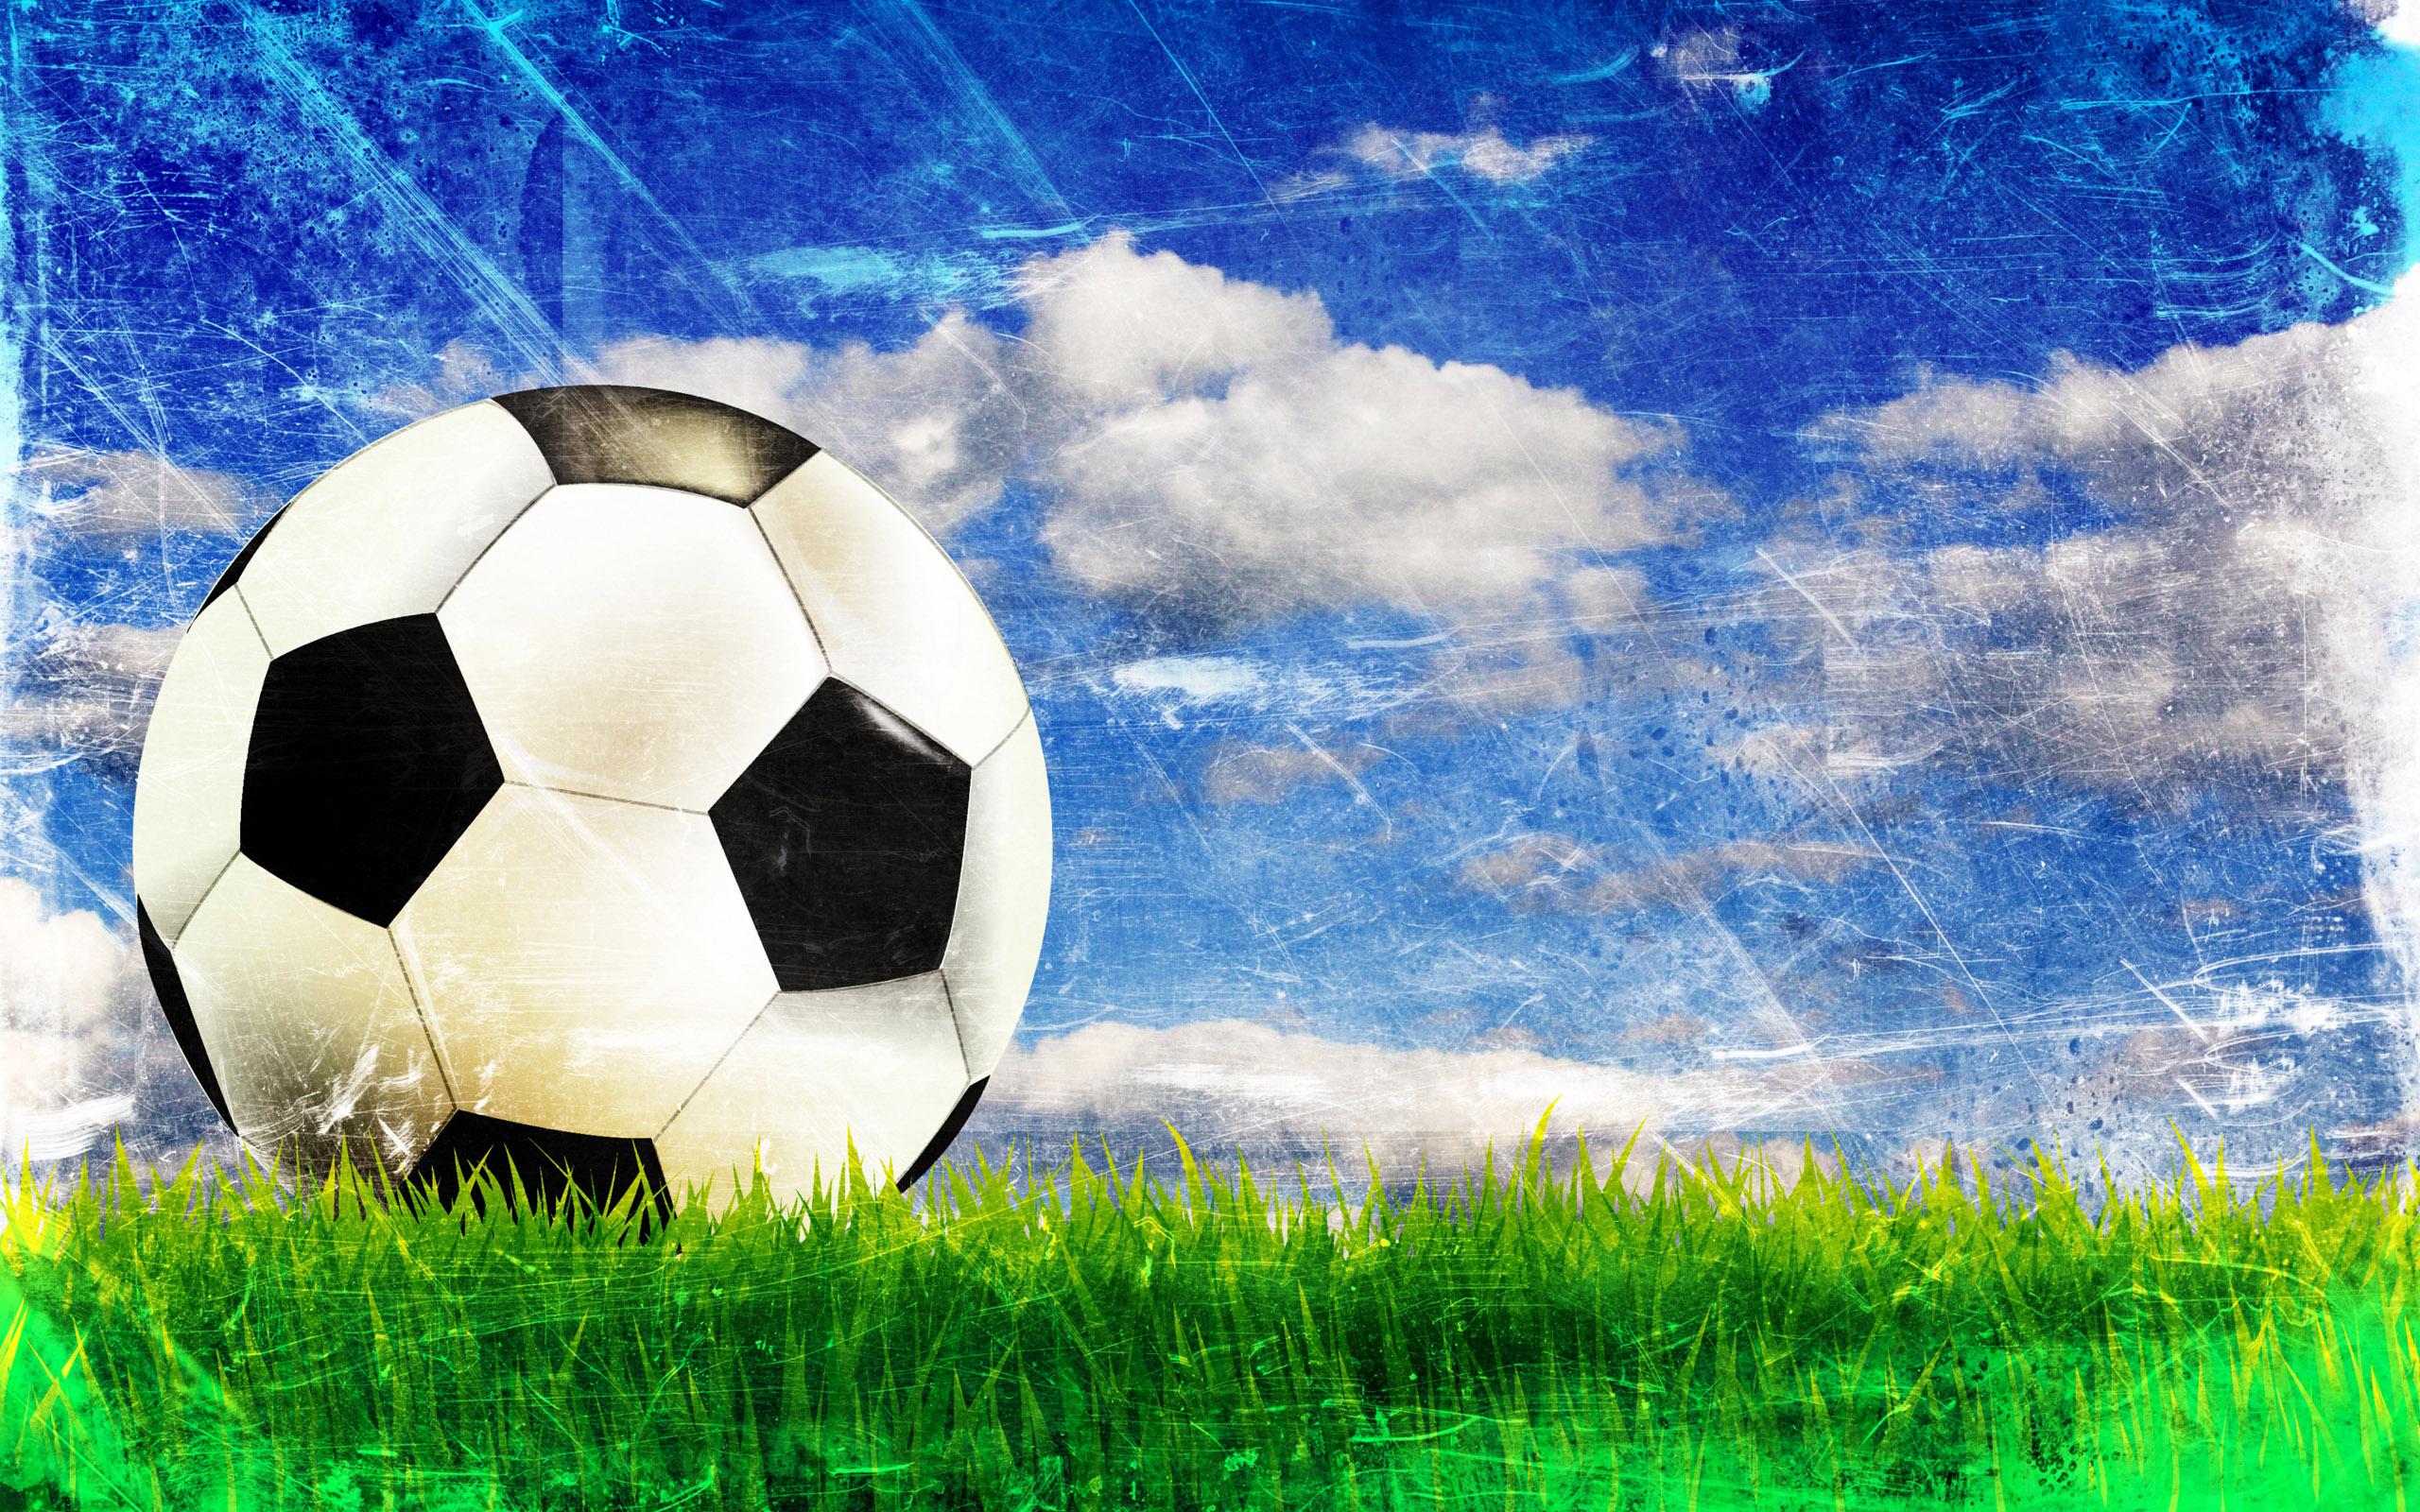 футбол, мяч, стадион, фото обои для рабочего стола